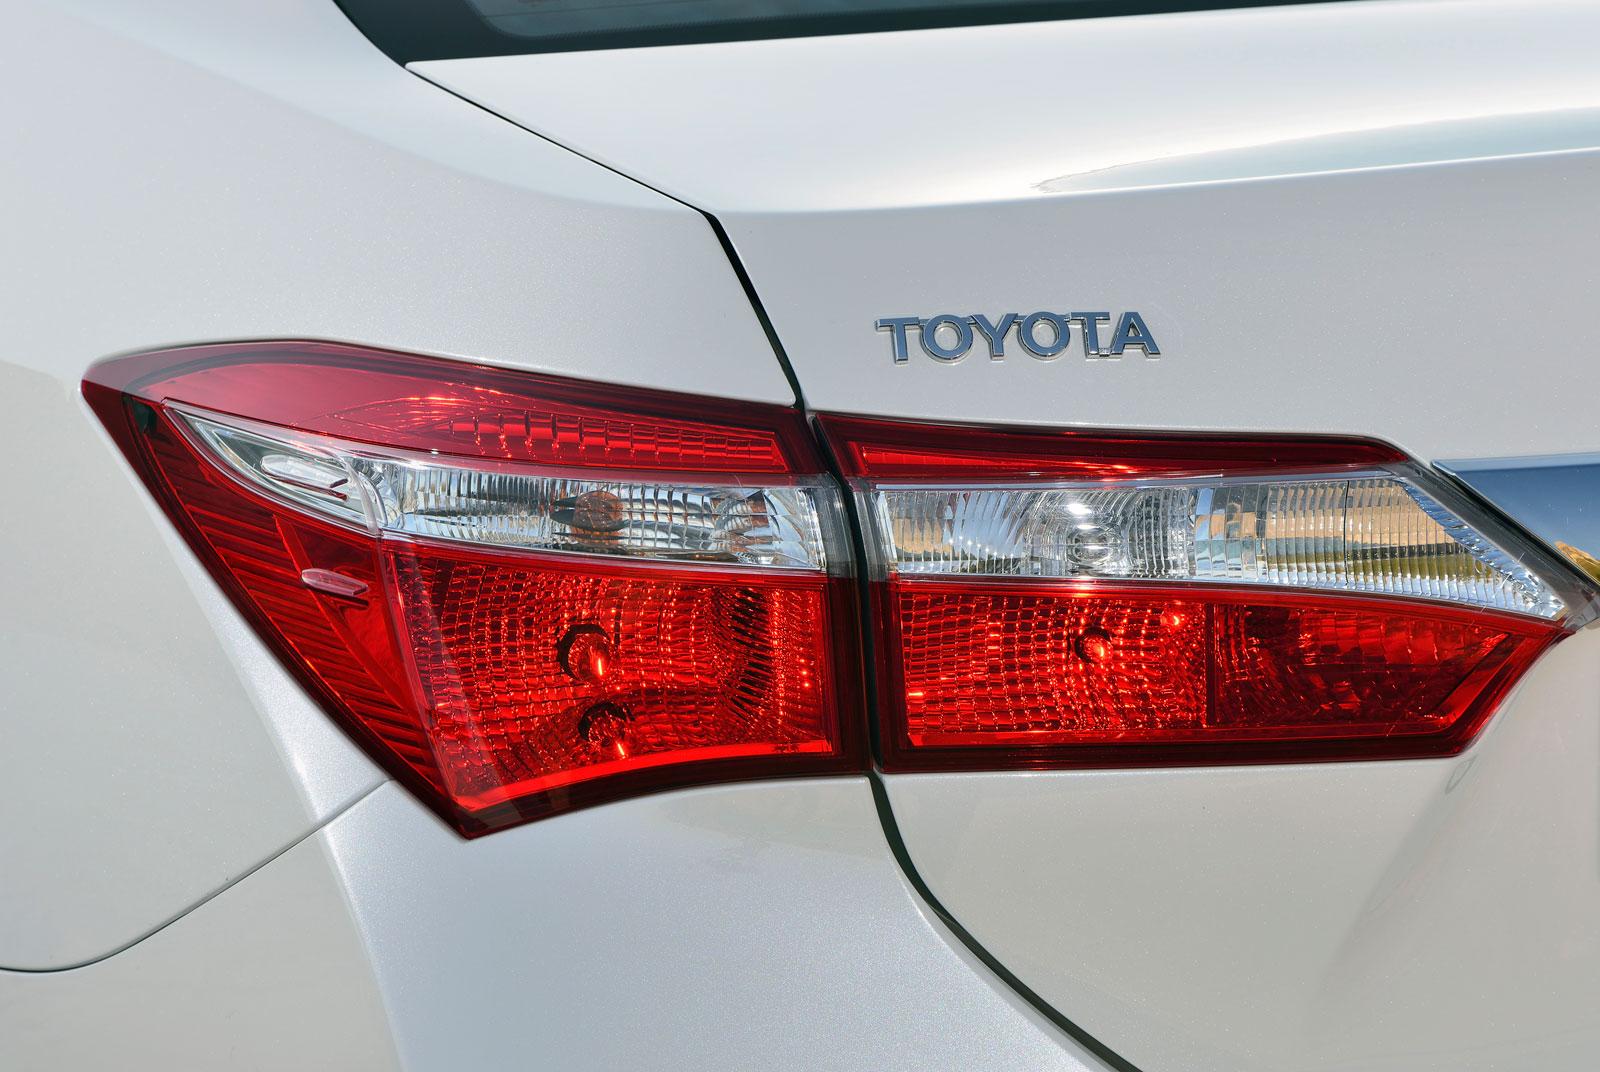 2014 Toyota Corolla European Production Starts In Turkey